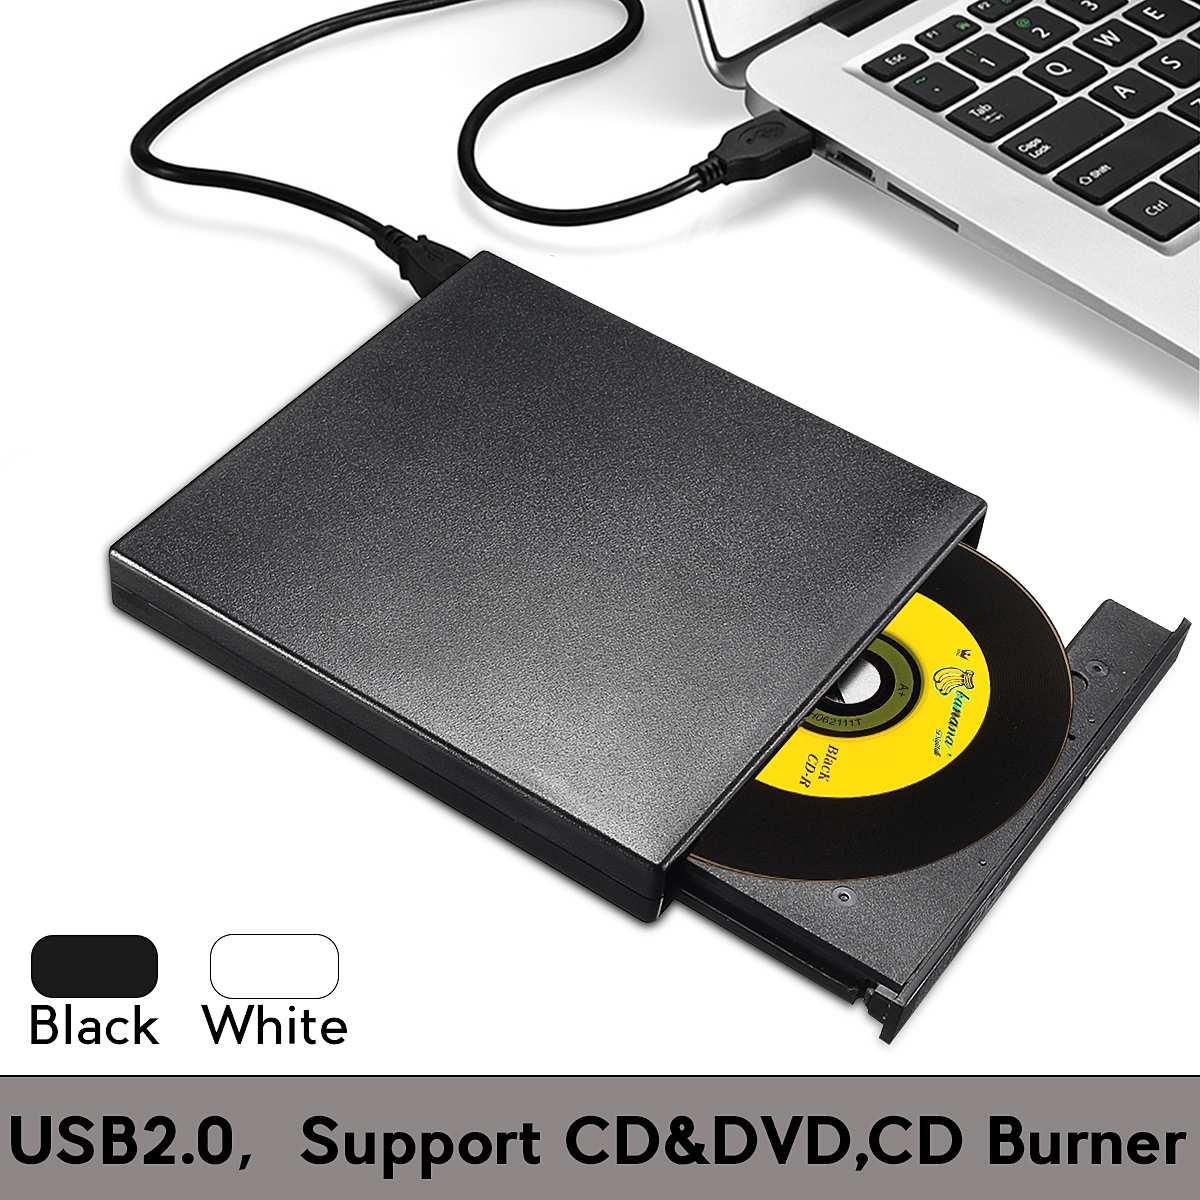 Usb 2.0 externo combinado dvd/cd burner rw drive cd/DVD ROM CD RW player unidade óptica para computador portátil componentes do computador|Unidades óticas|   -